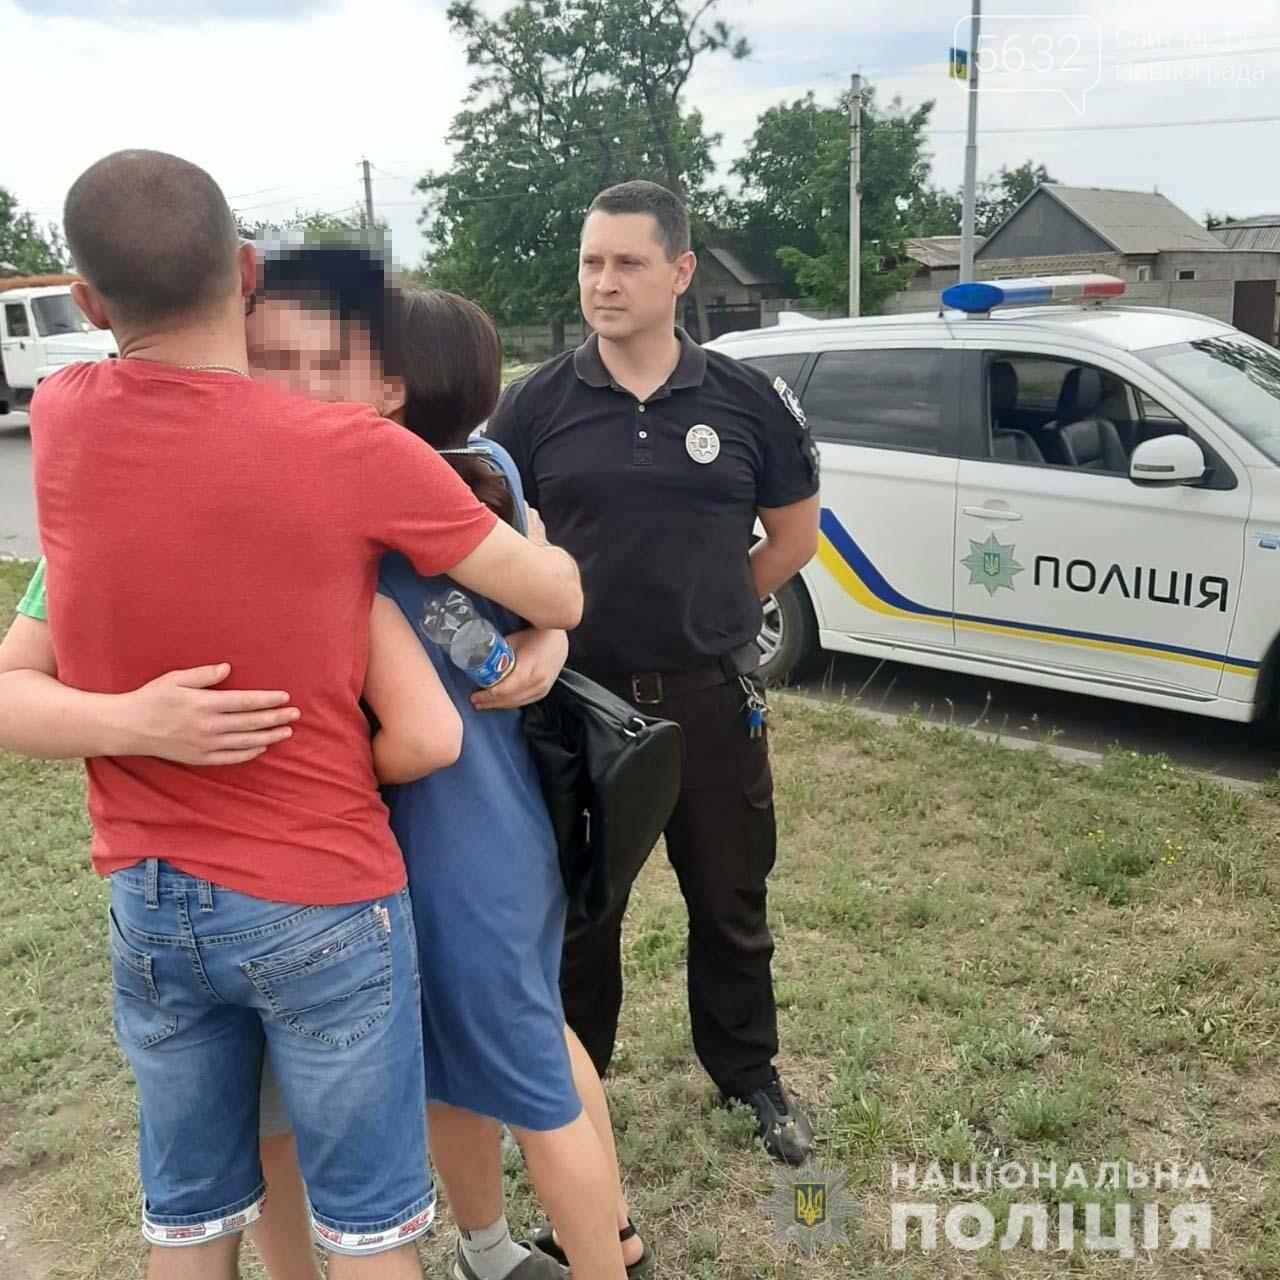 Написал прощальное смс и попросил не искать: в Павлограде пропал 16-летний подросток, фото-1